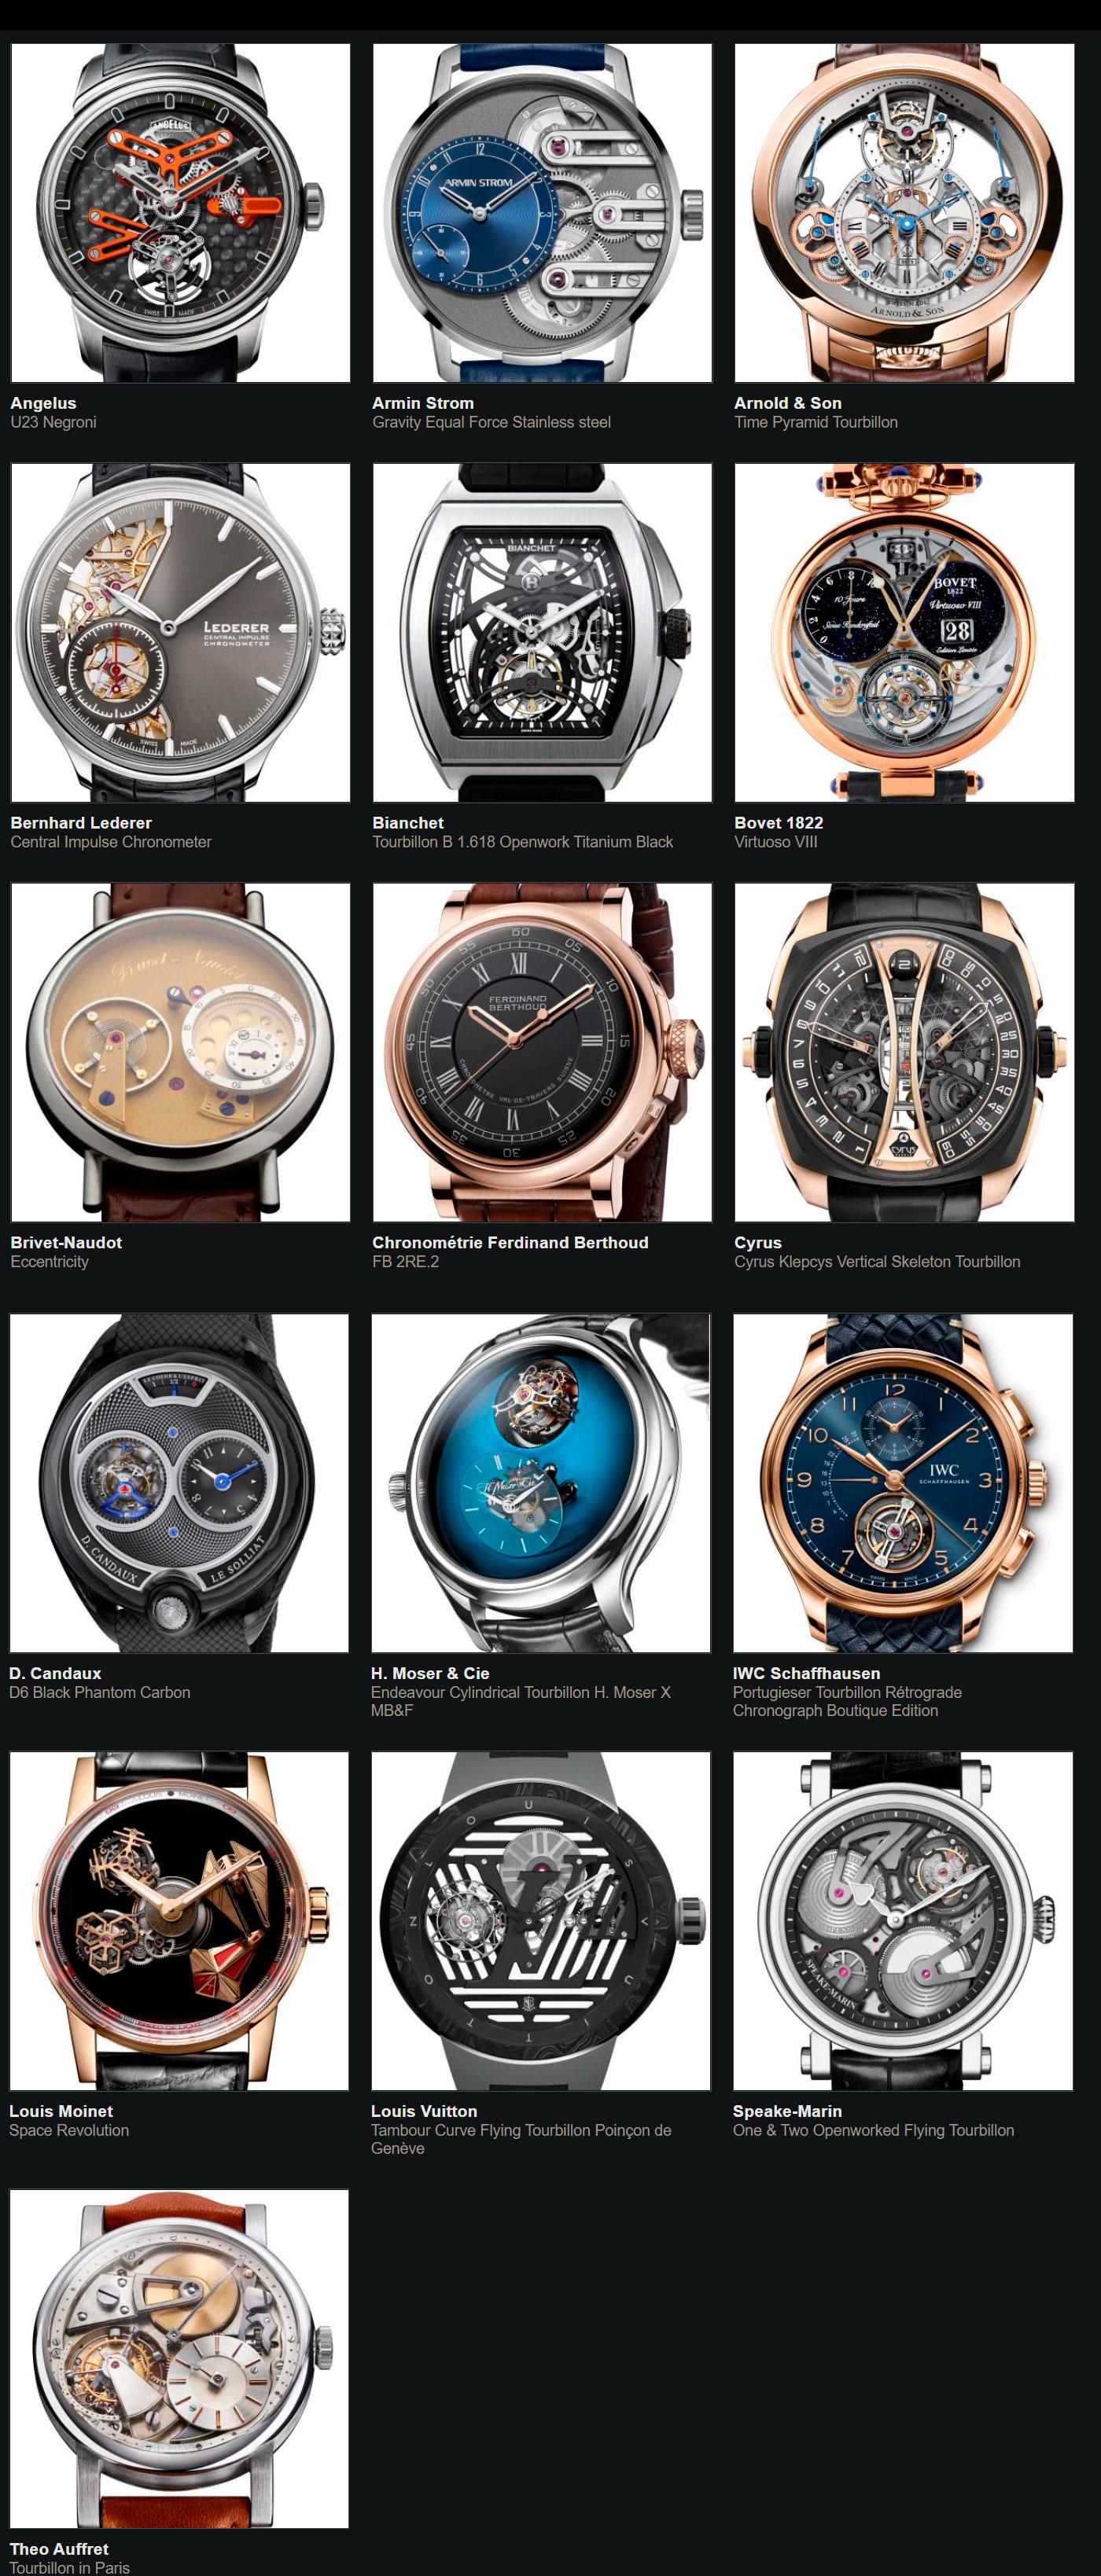 Relojes preseleccionados para el Gran Premio de Relojería de Ginebra 2020 Cronometría